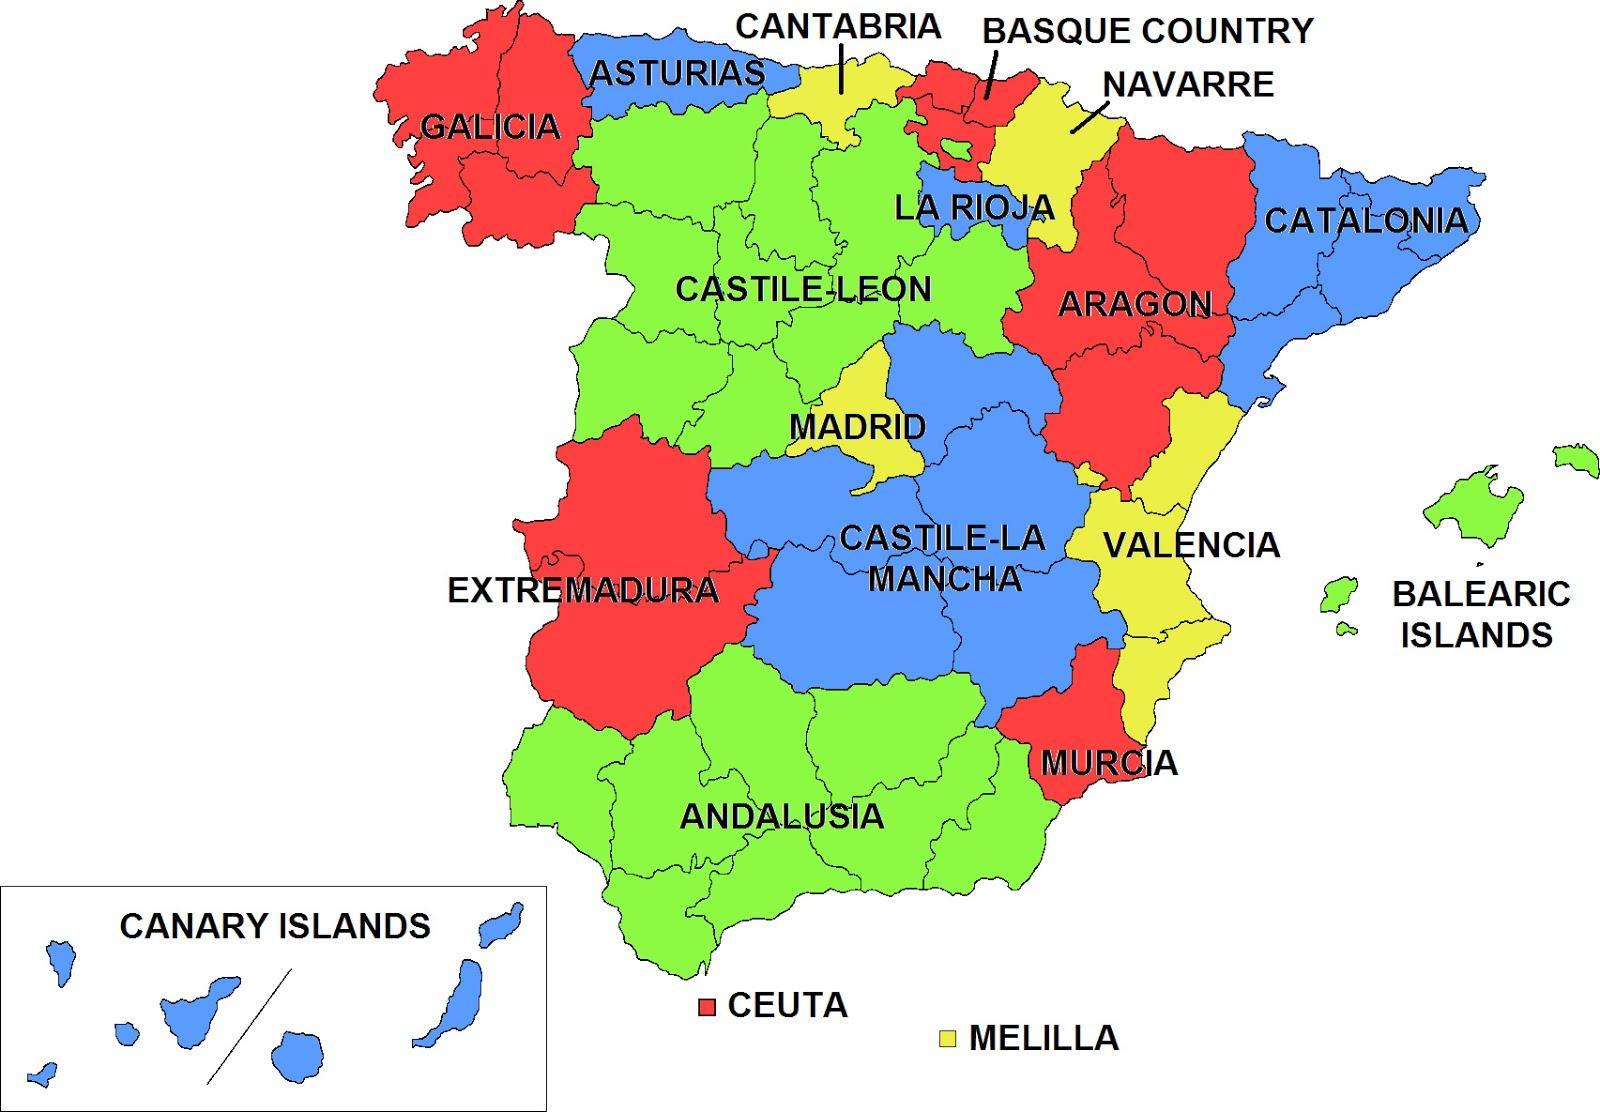 Cartina Spagna Isole Baleari.Spagna E Isole Baleari E Canarie